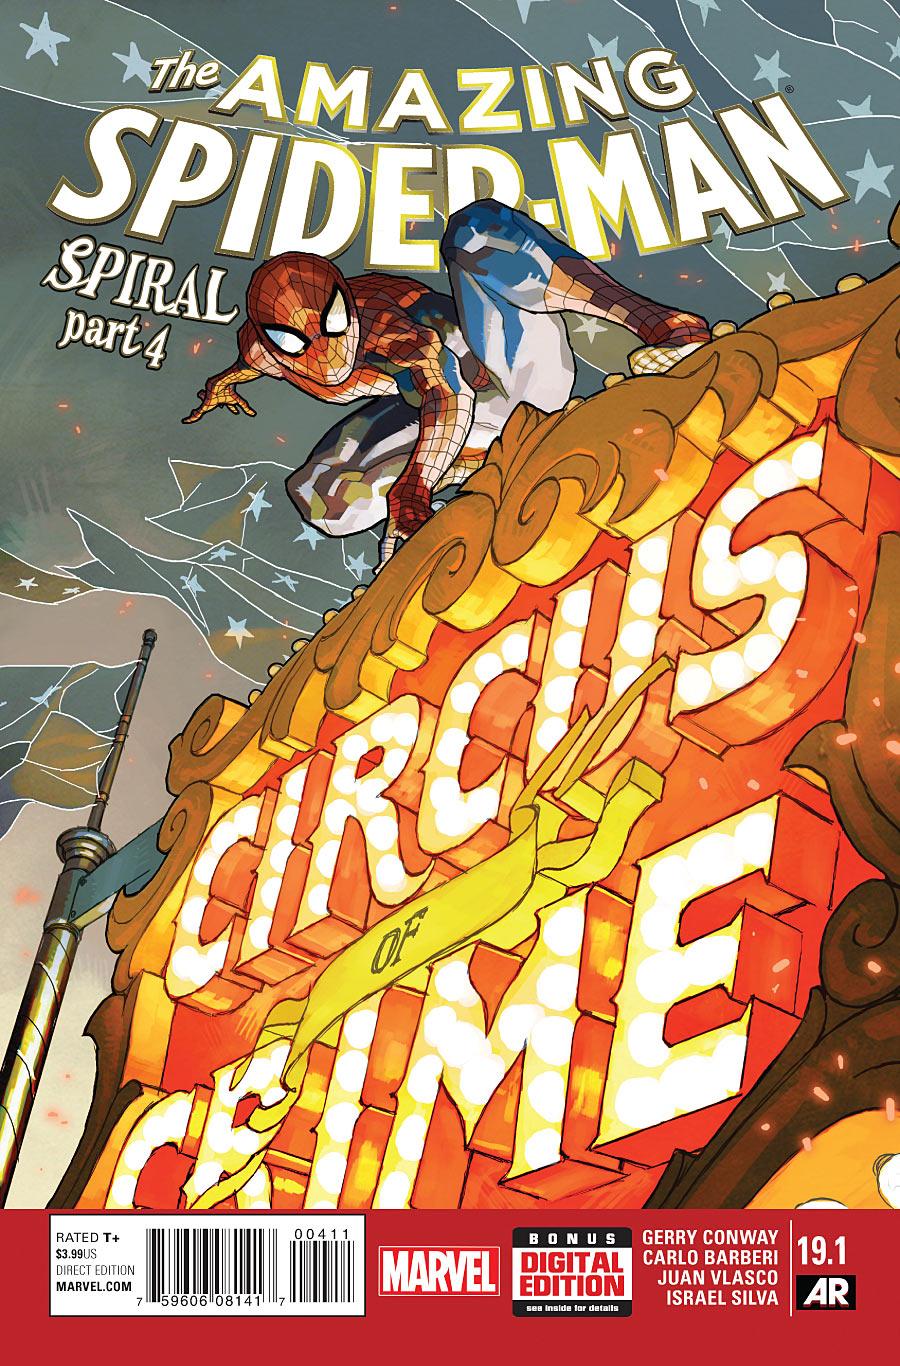 AmazingSpider-Man#19.1--cover